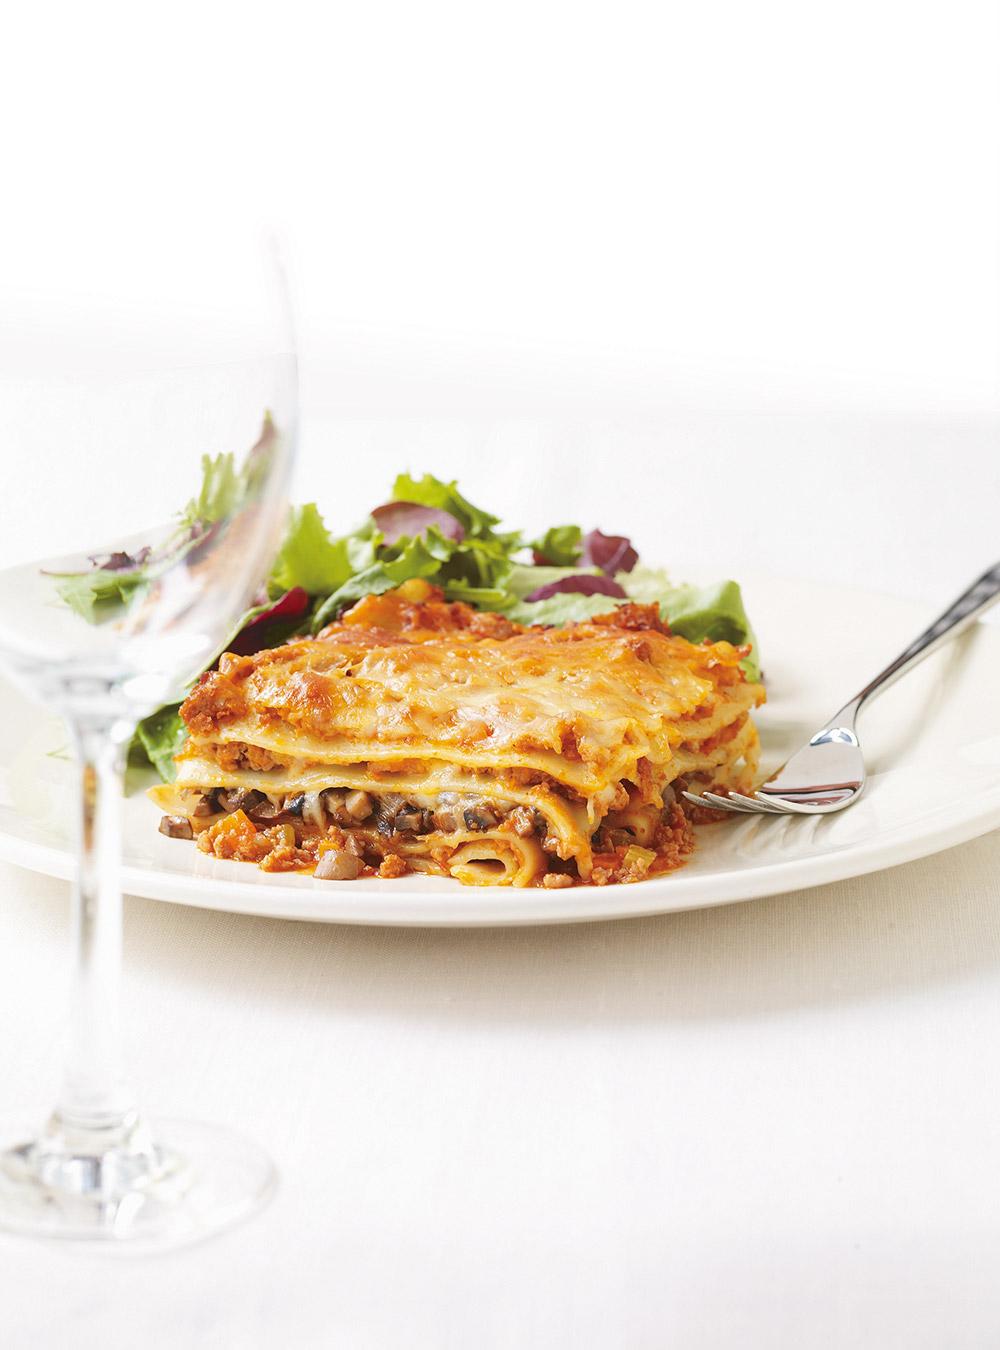 Lasagne Idee Recette.Lasagne Bolognaise Aux Champignons Ricardo